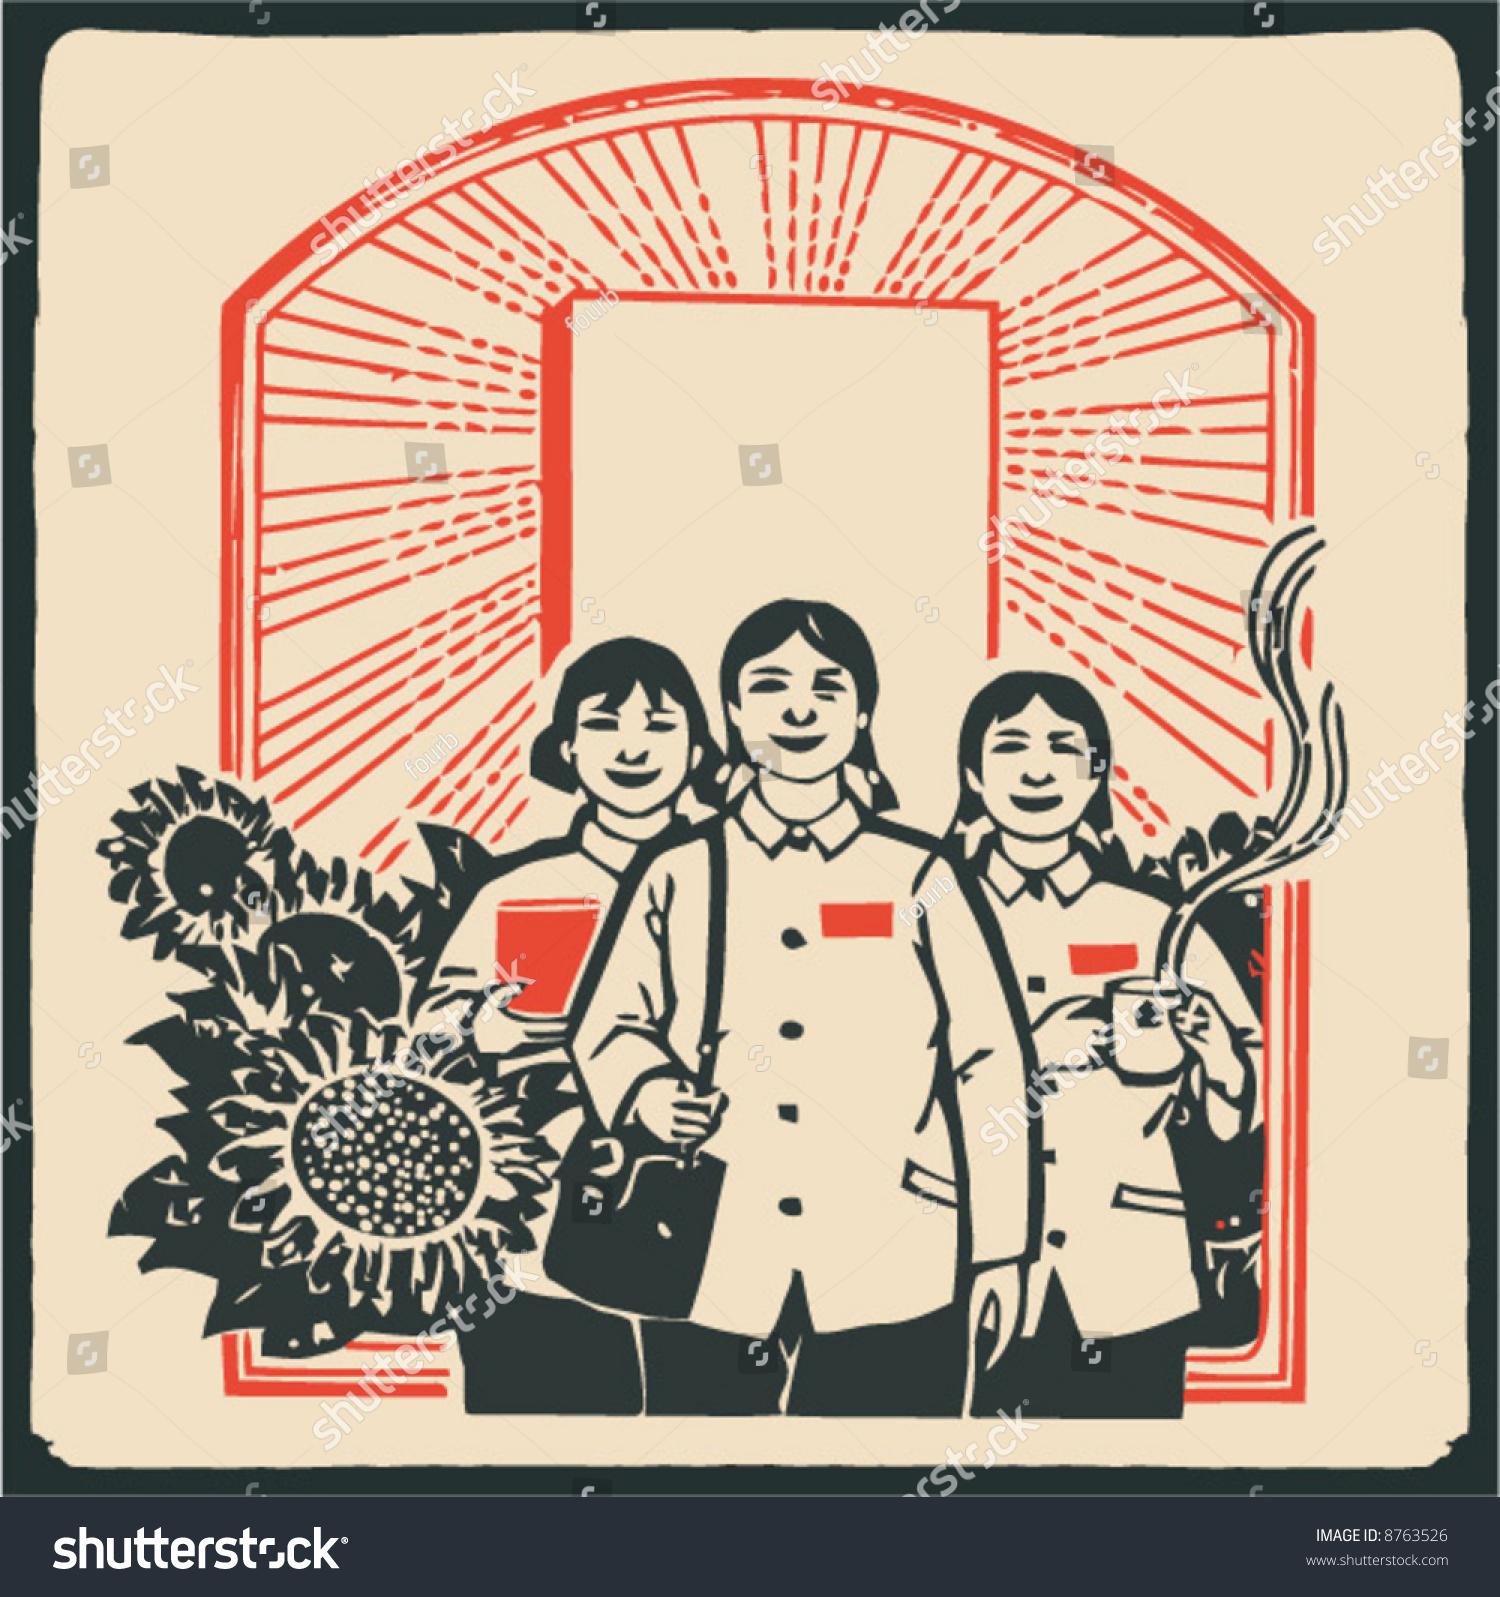 旧的共产主义的海报-复古风格,插图/剪贴图-海洛创意